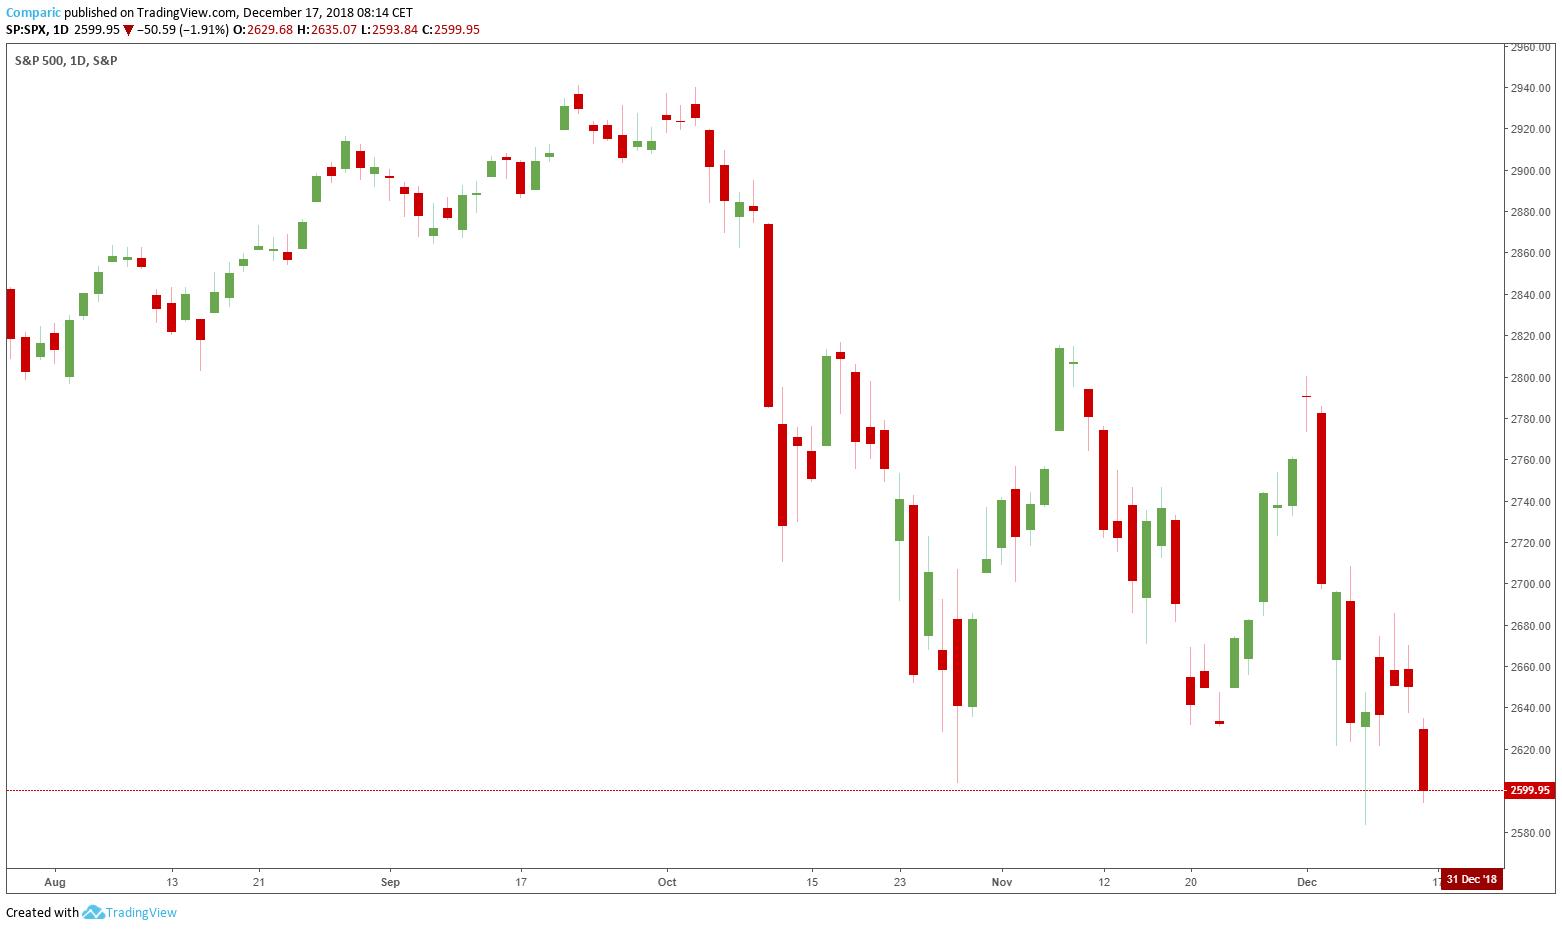 wykres sp500 d1 17.12.2018